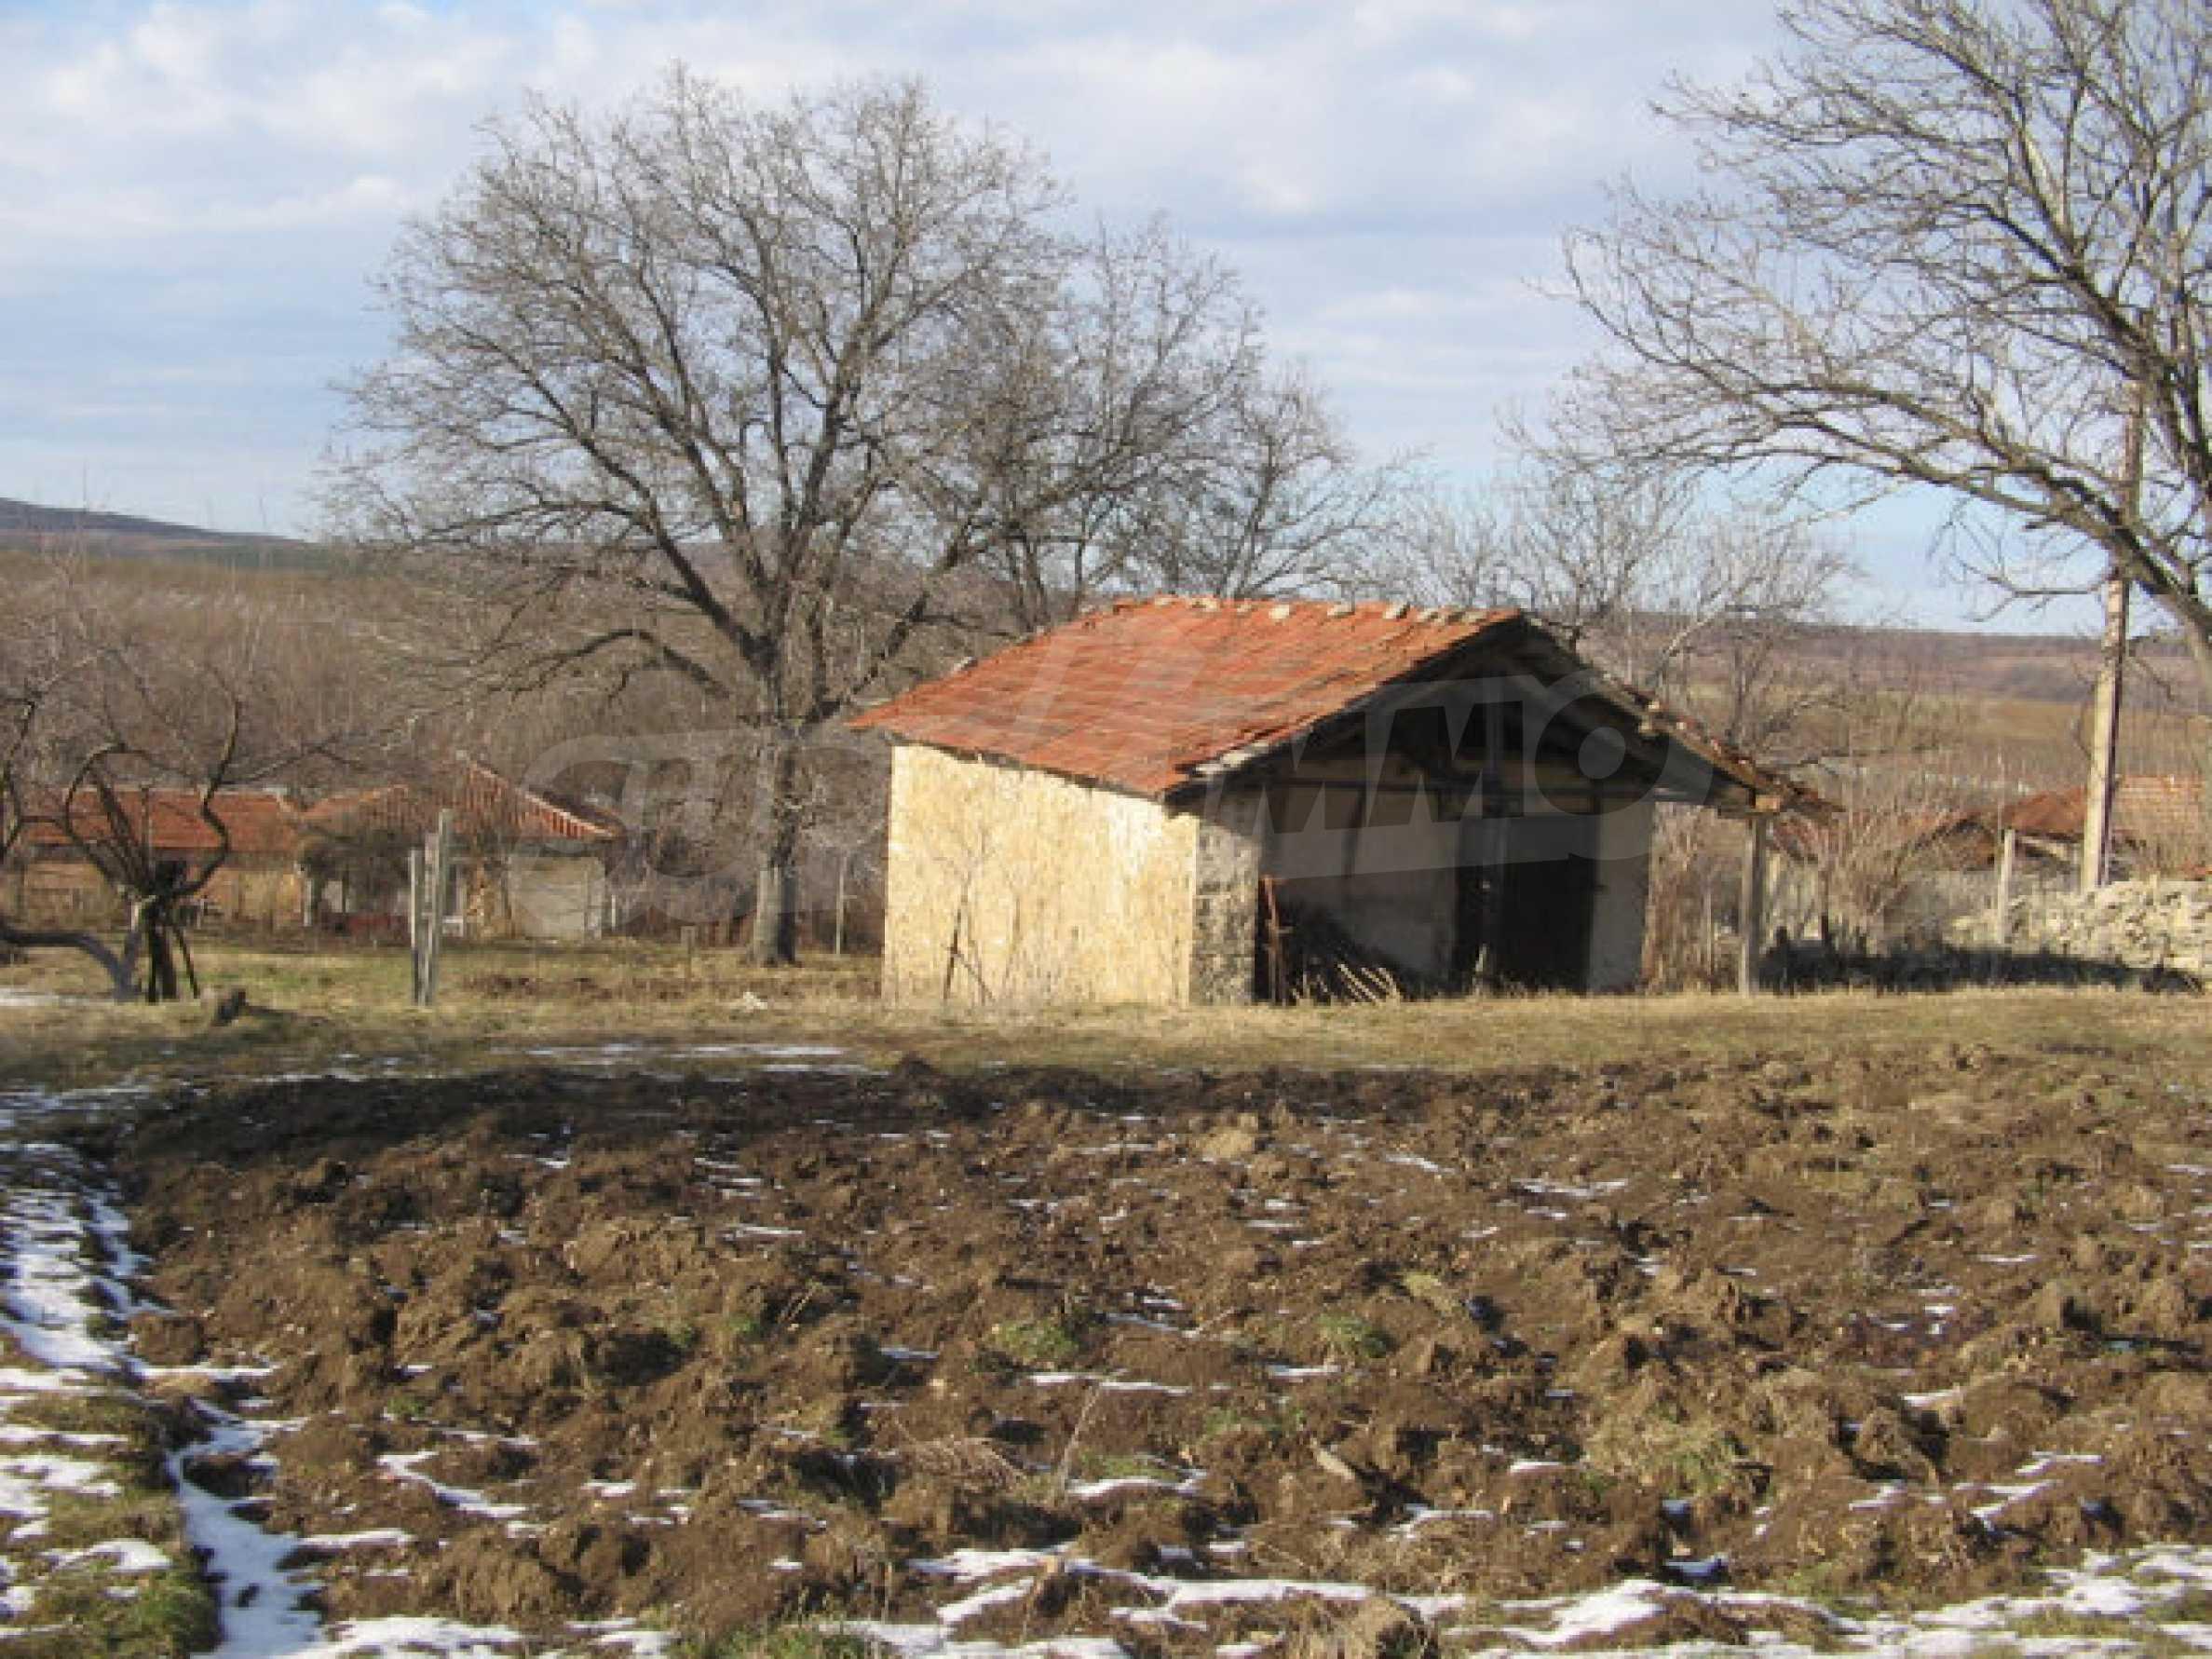 Ein Grundstück zum Verkauf in einem Dorf 32 km von Kardjali entfernt 9